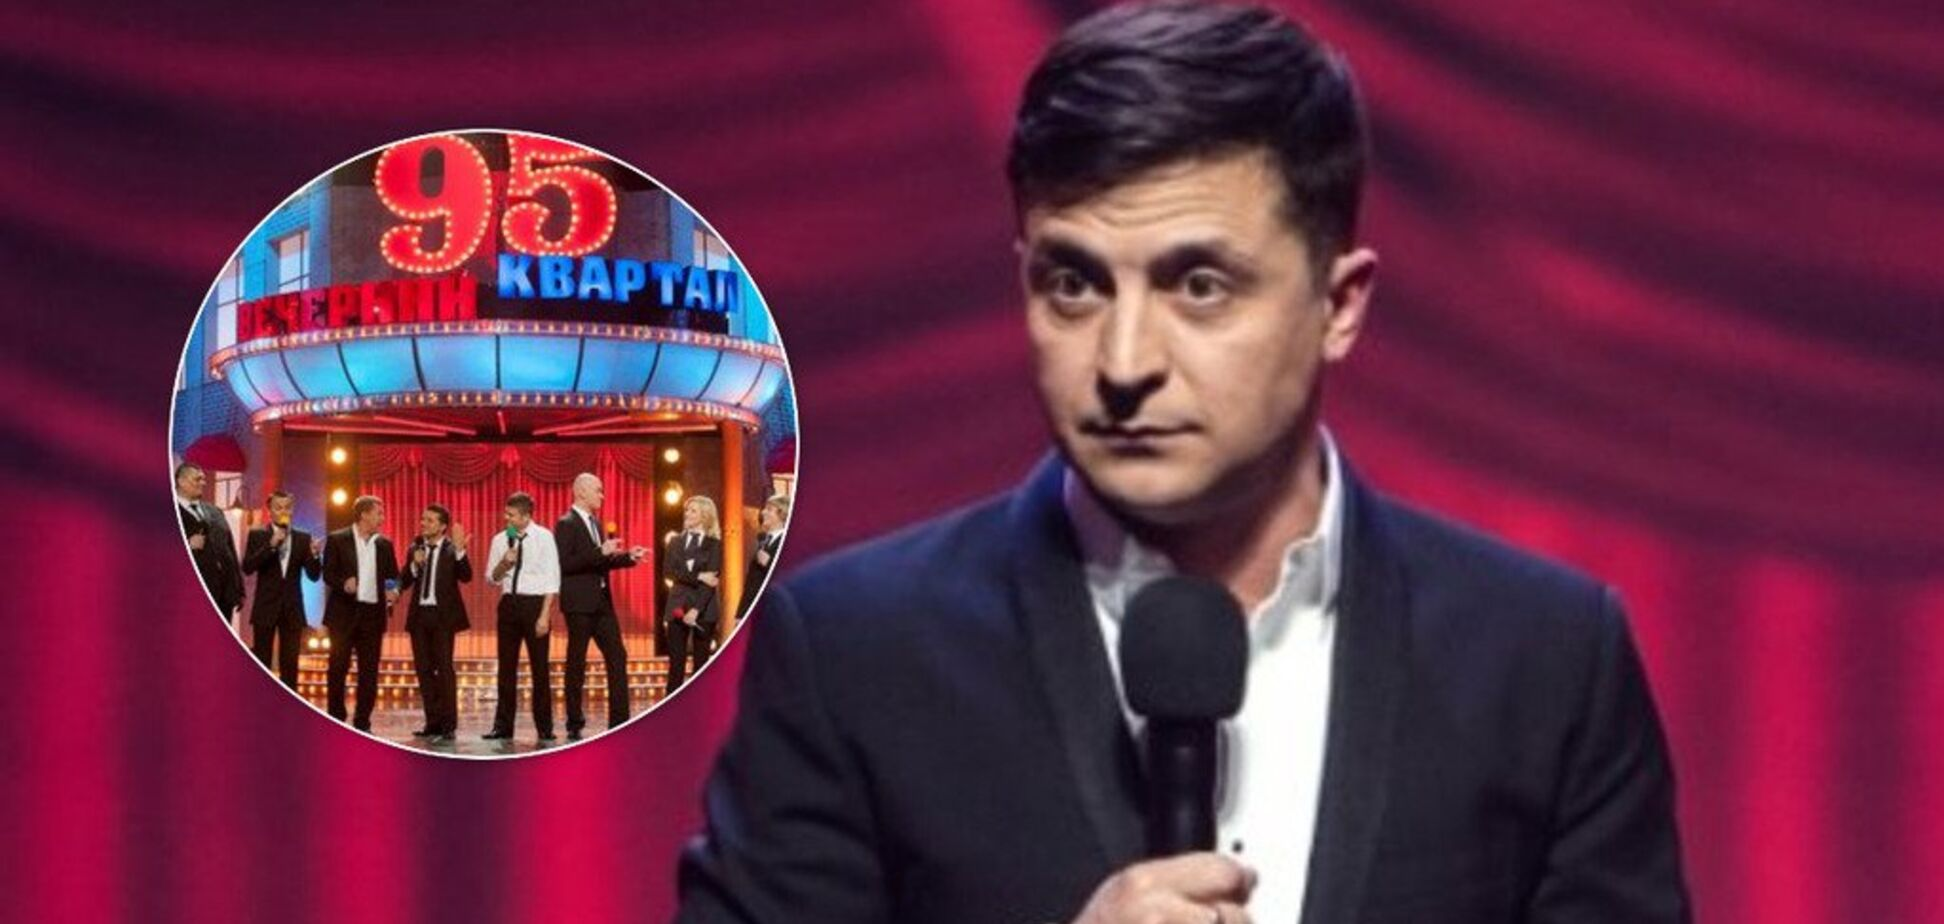 'Звонил после эфира': Зеленский отчитал 'Квартал' после первого концерта